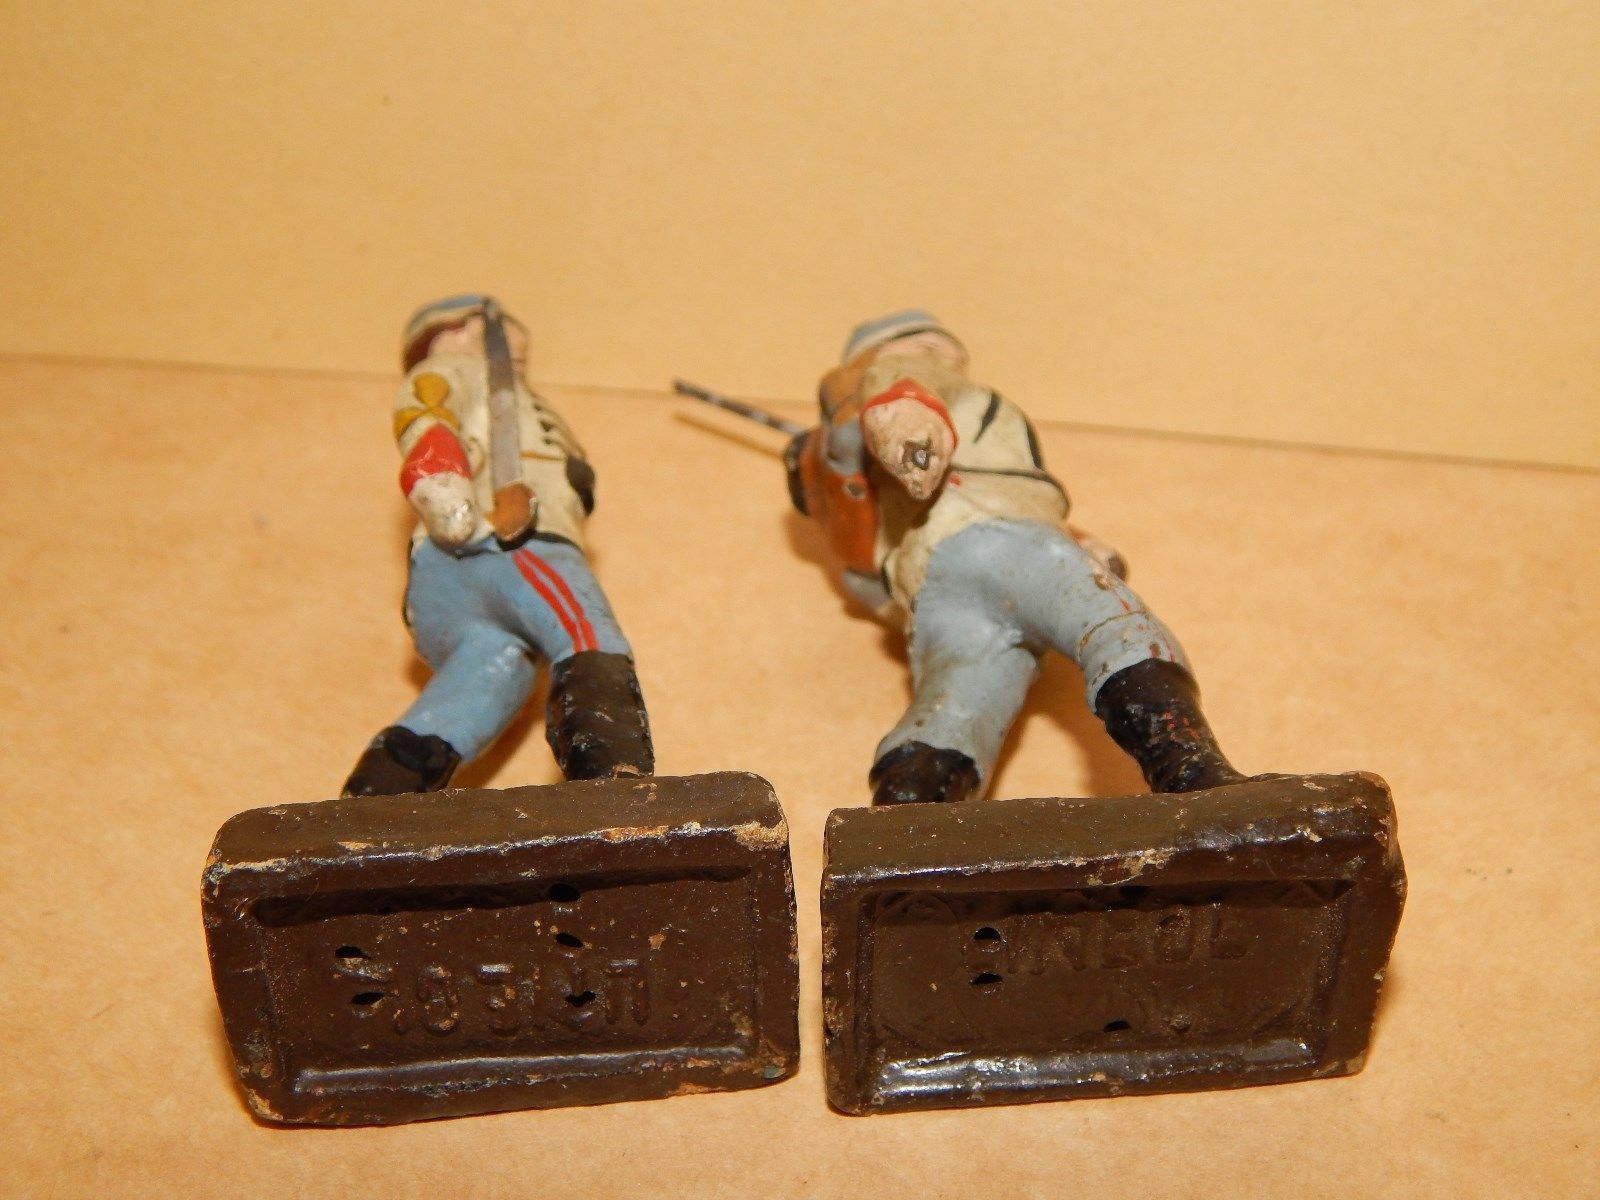 Antike Soldaten um 1916 8.5 cm Lineol Argentinier WK 1 WW 1 super Zustand | eBay